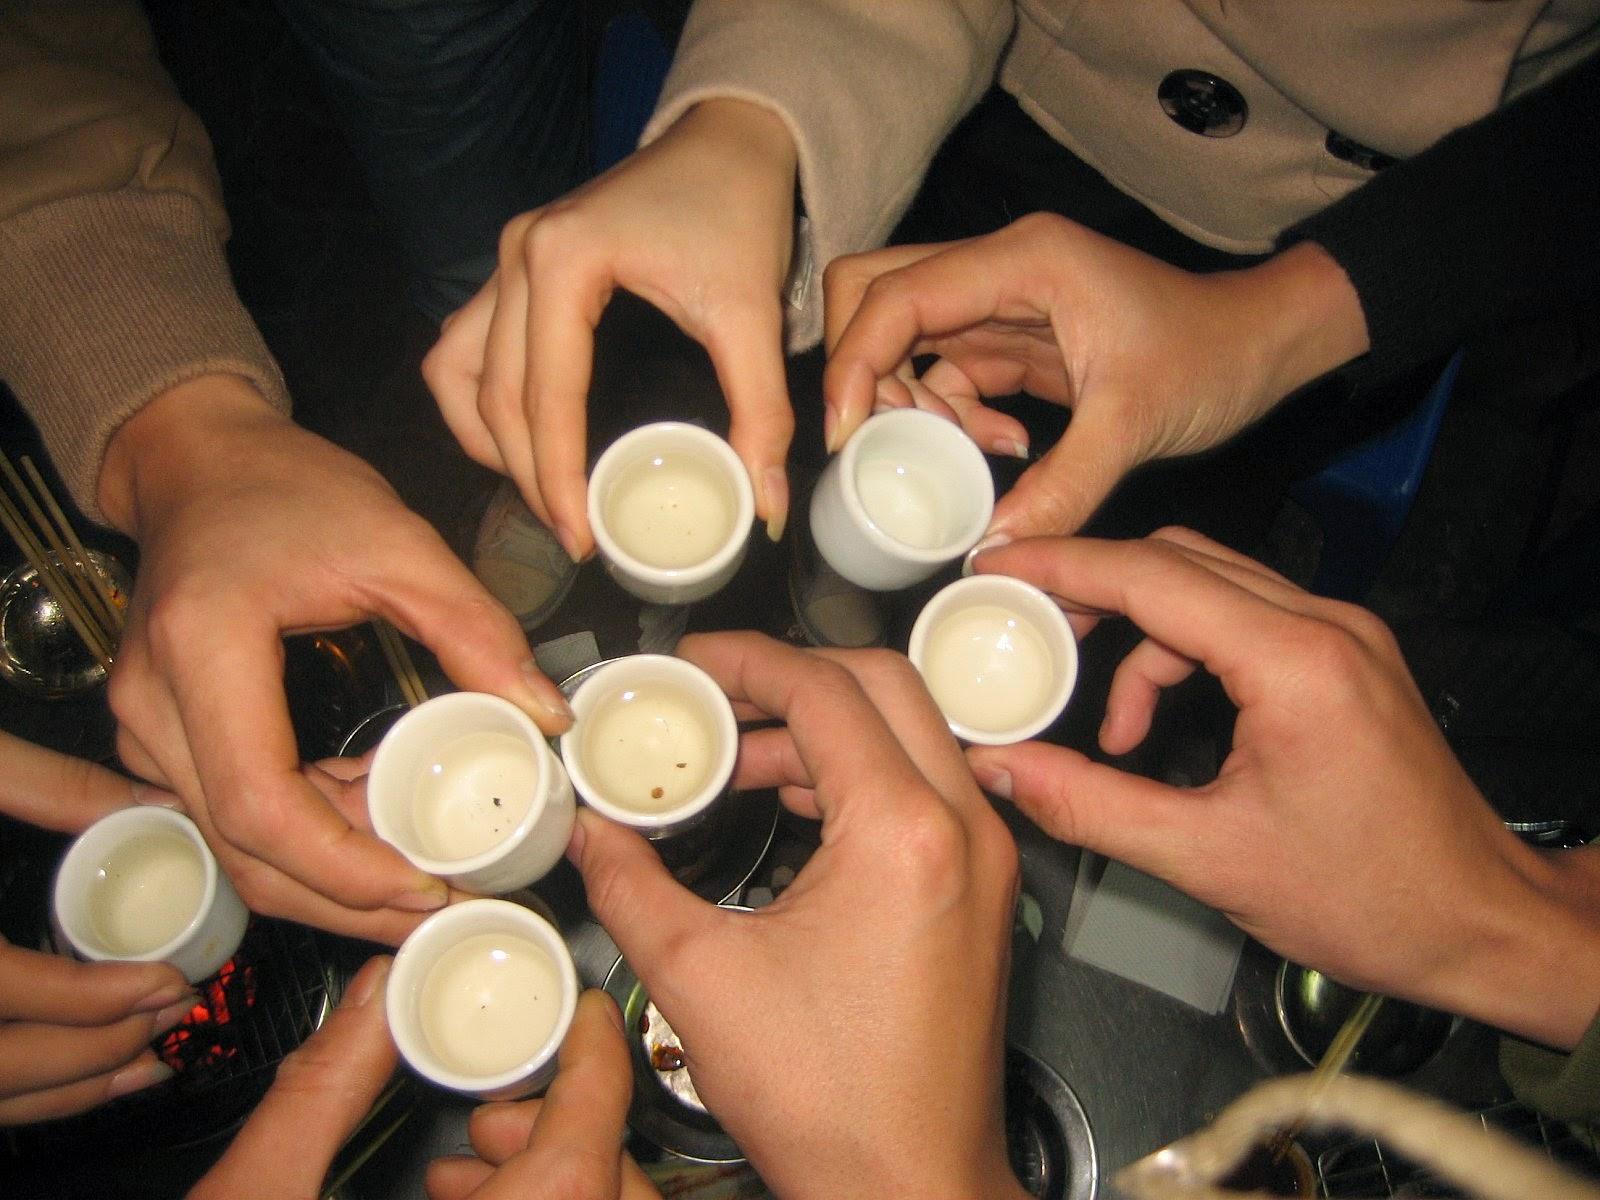 Sau các buổi tụ tập uống nước gừng là một trong các cách giải rượu